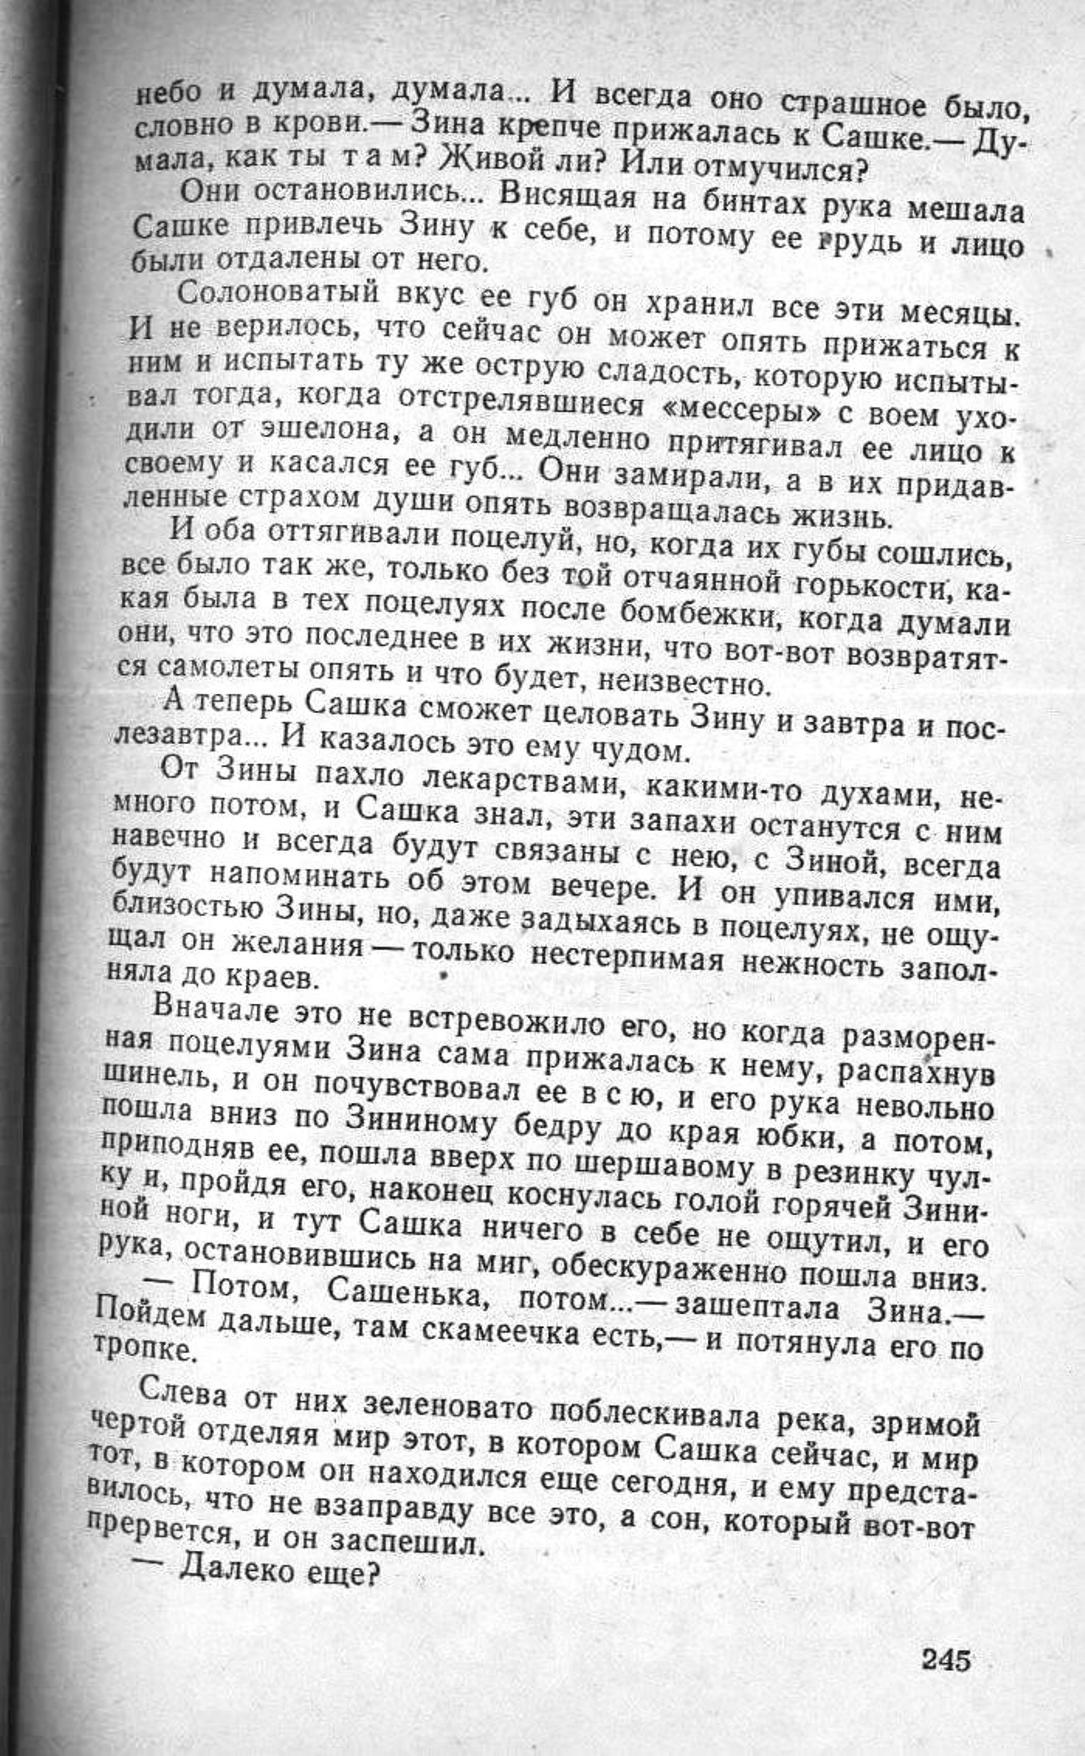 Сашка. Повесть. Вячеслав Кондратьев. 010. 002